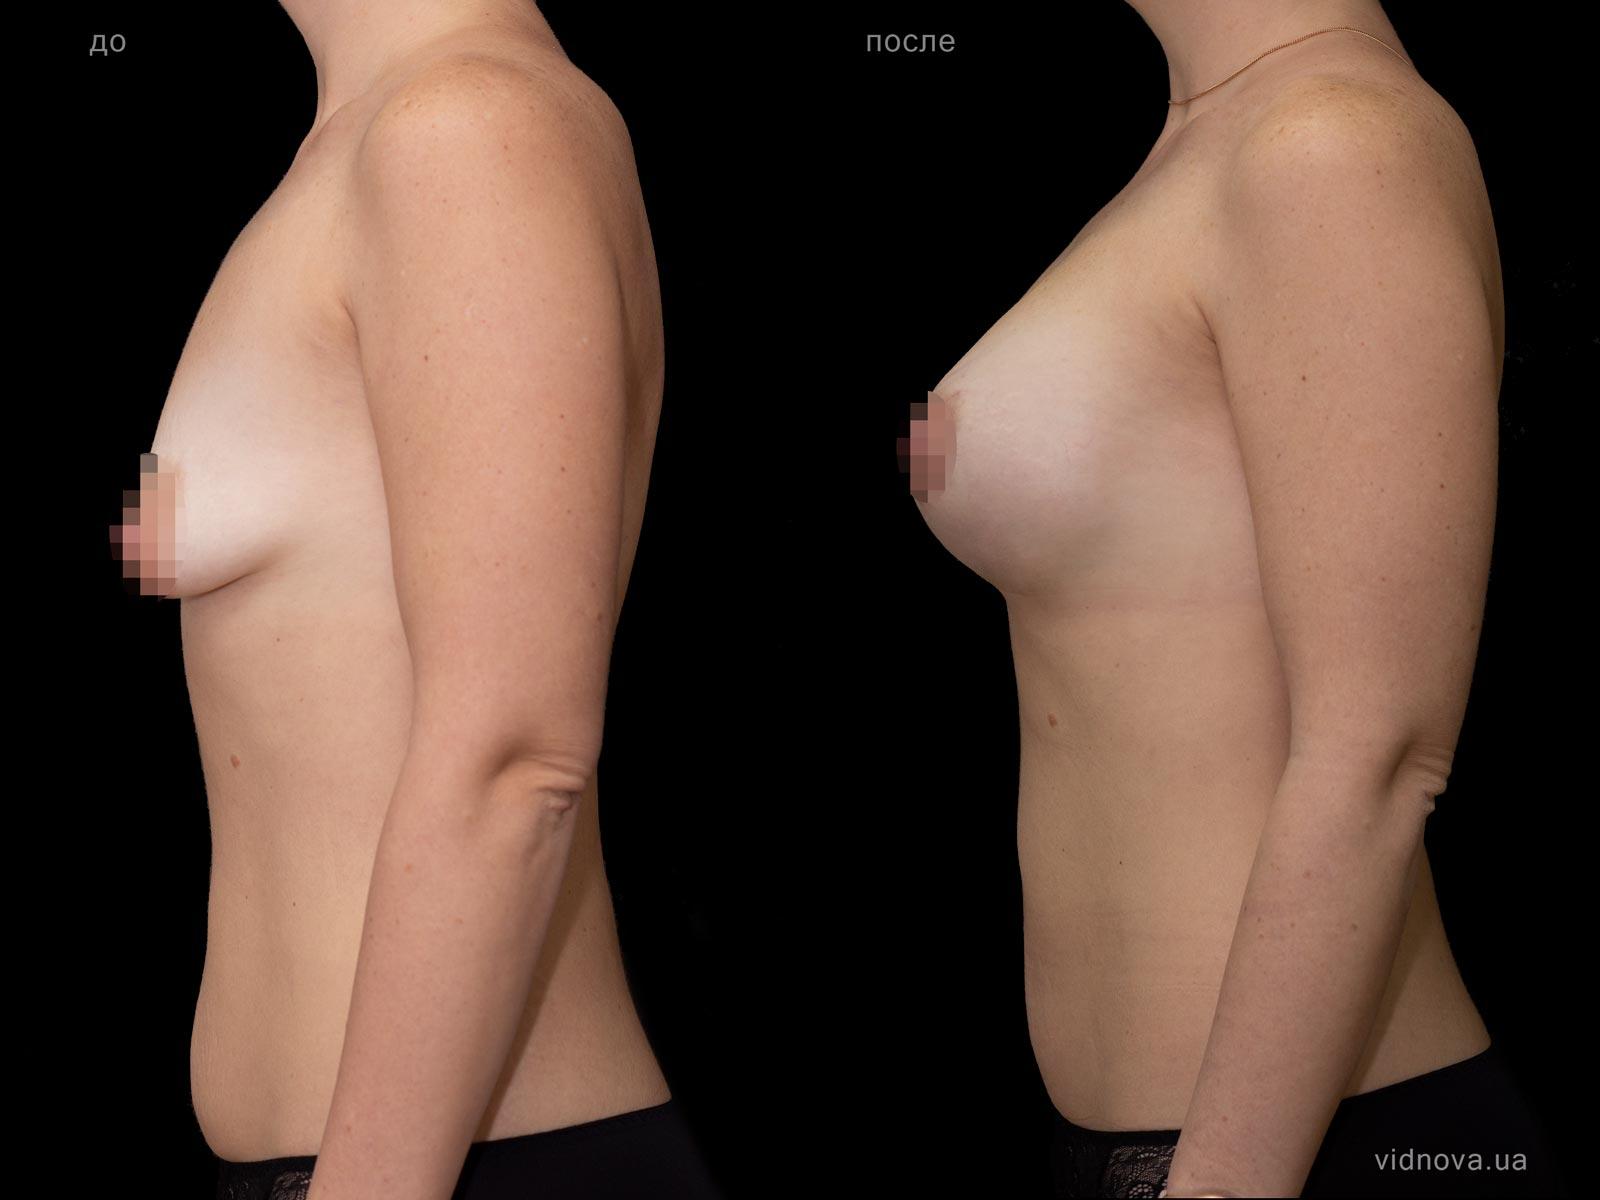 Пластика груди: результаты до и после - Пример №78-2 - Светлана Работенко